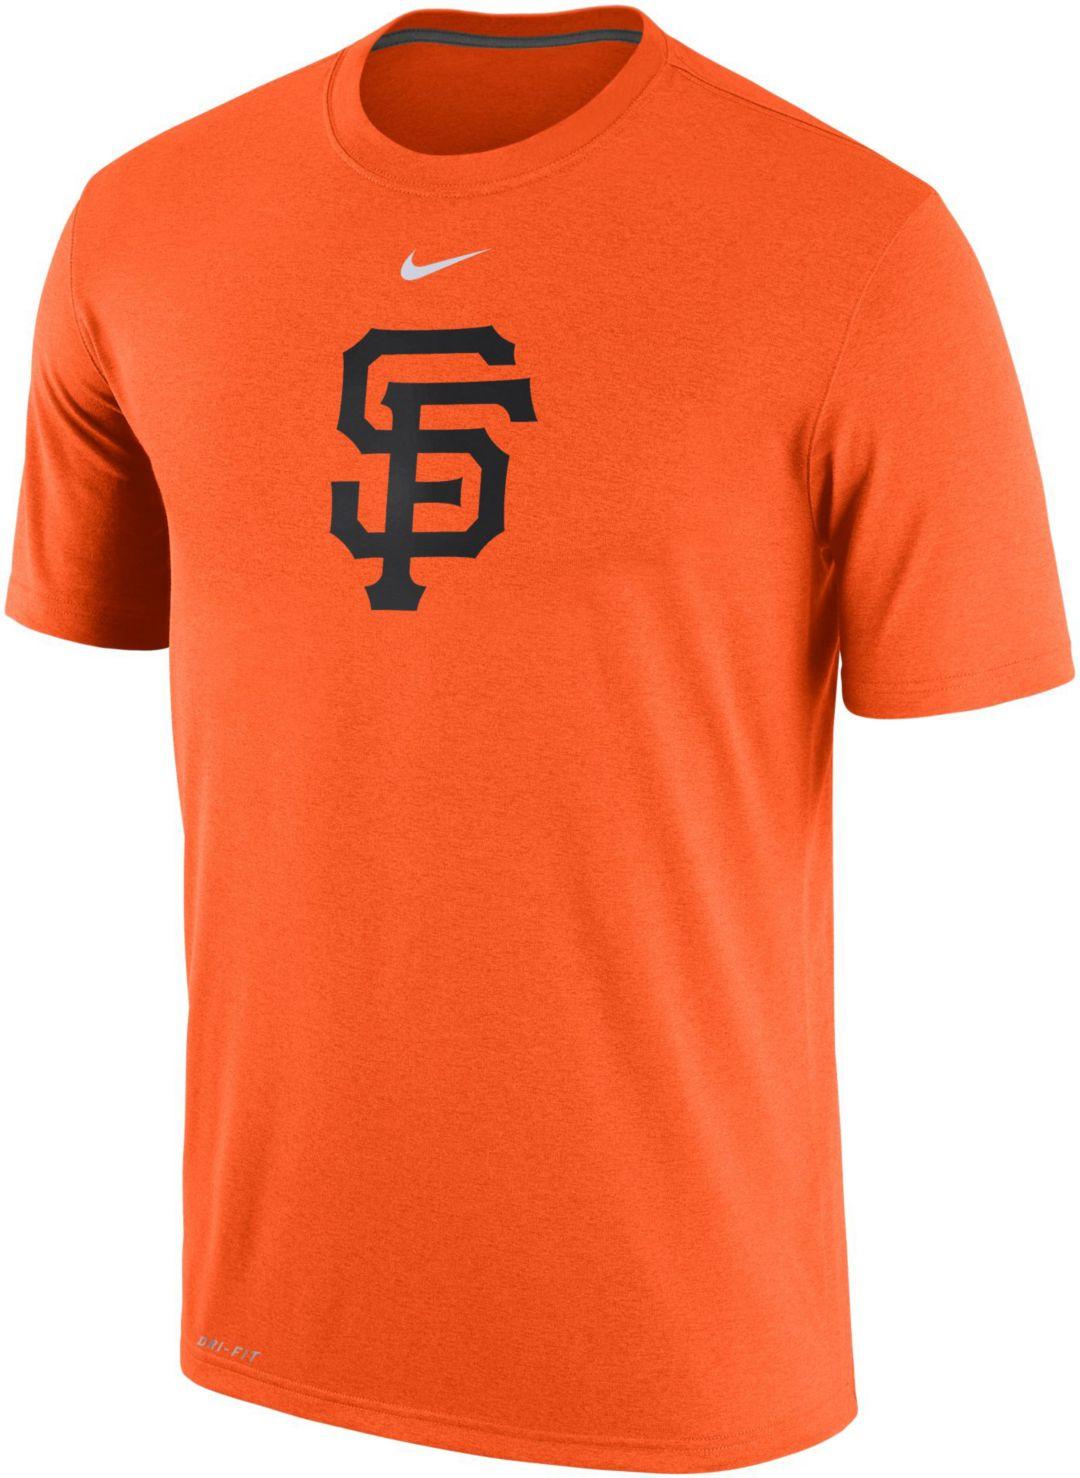 official photos c8926 055c8 Nike Men's San Francisco Giants Dri-FIT Legend T-Shirt